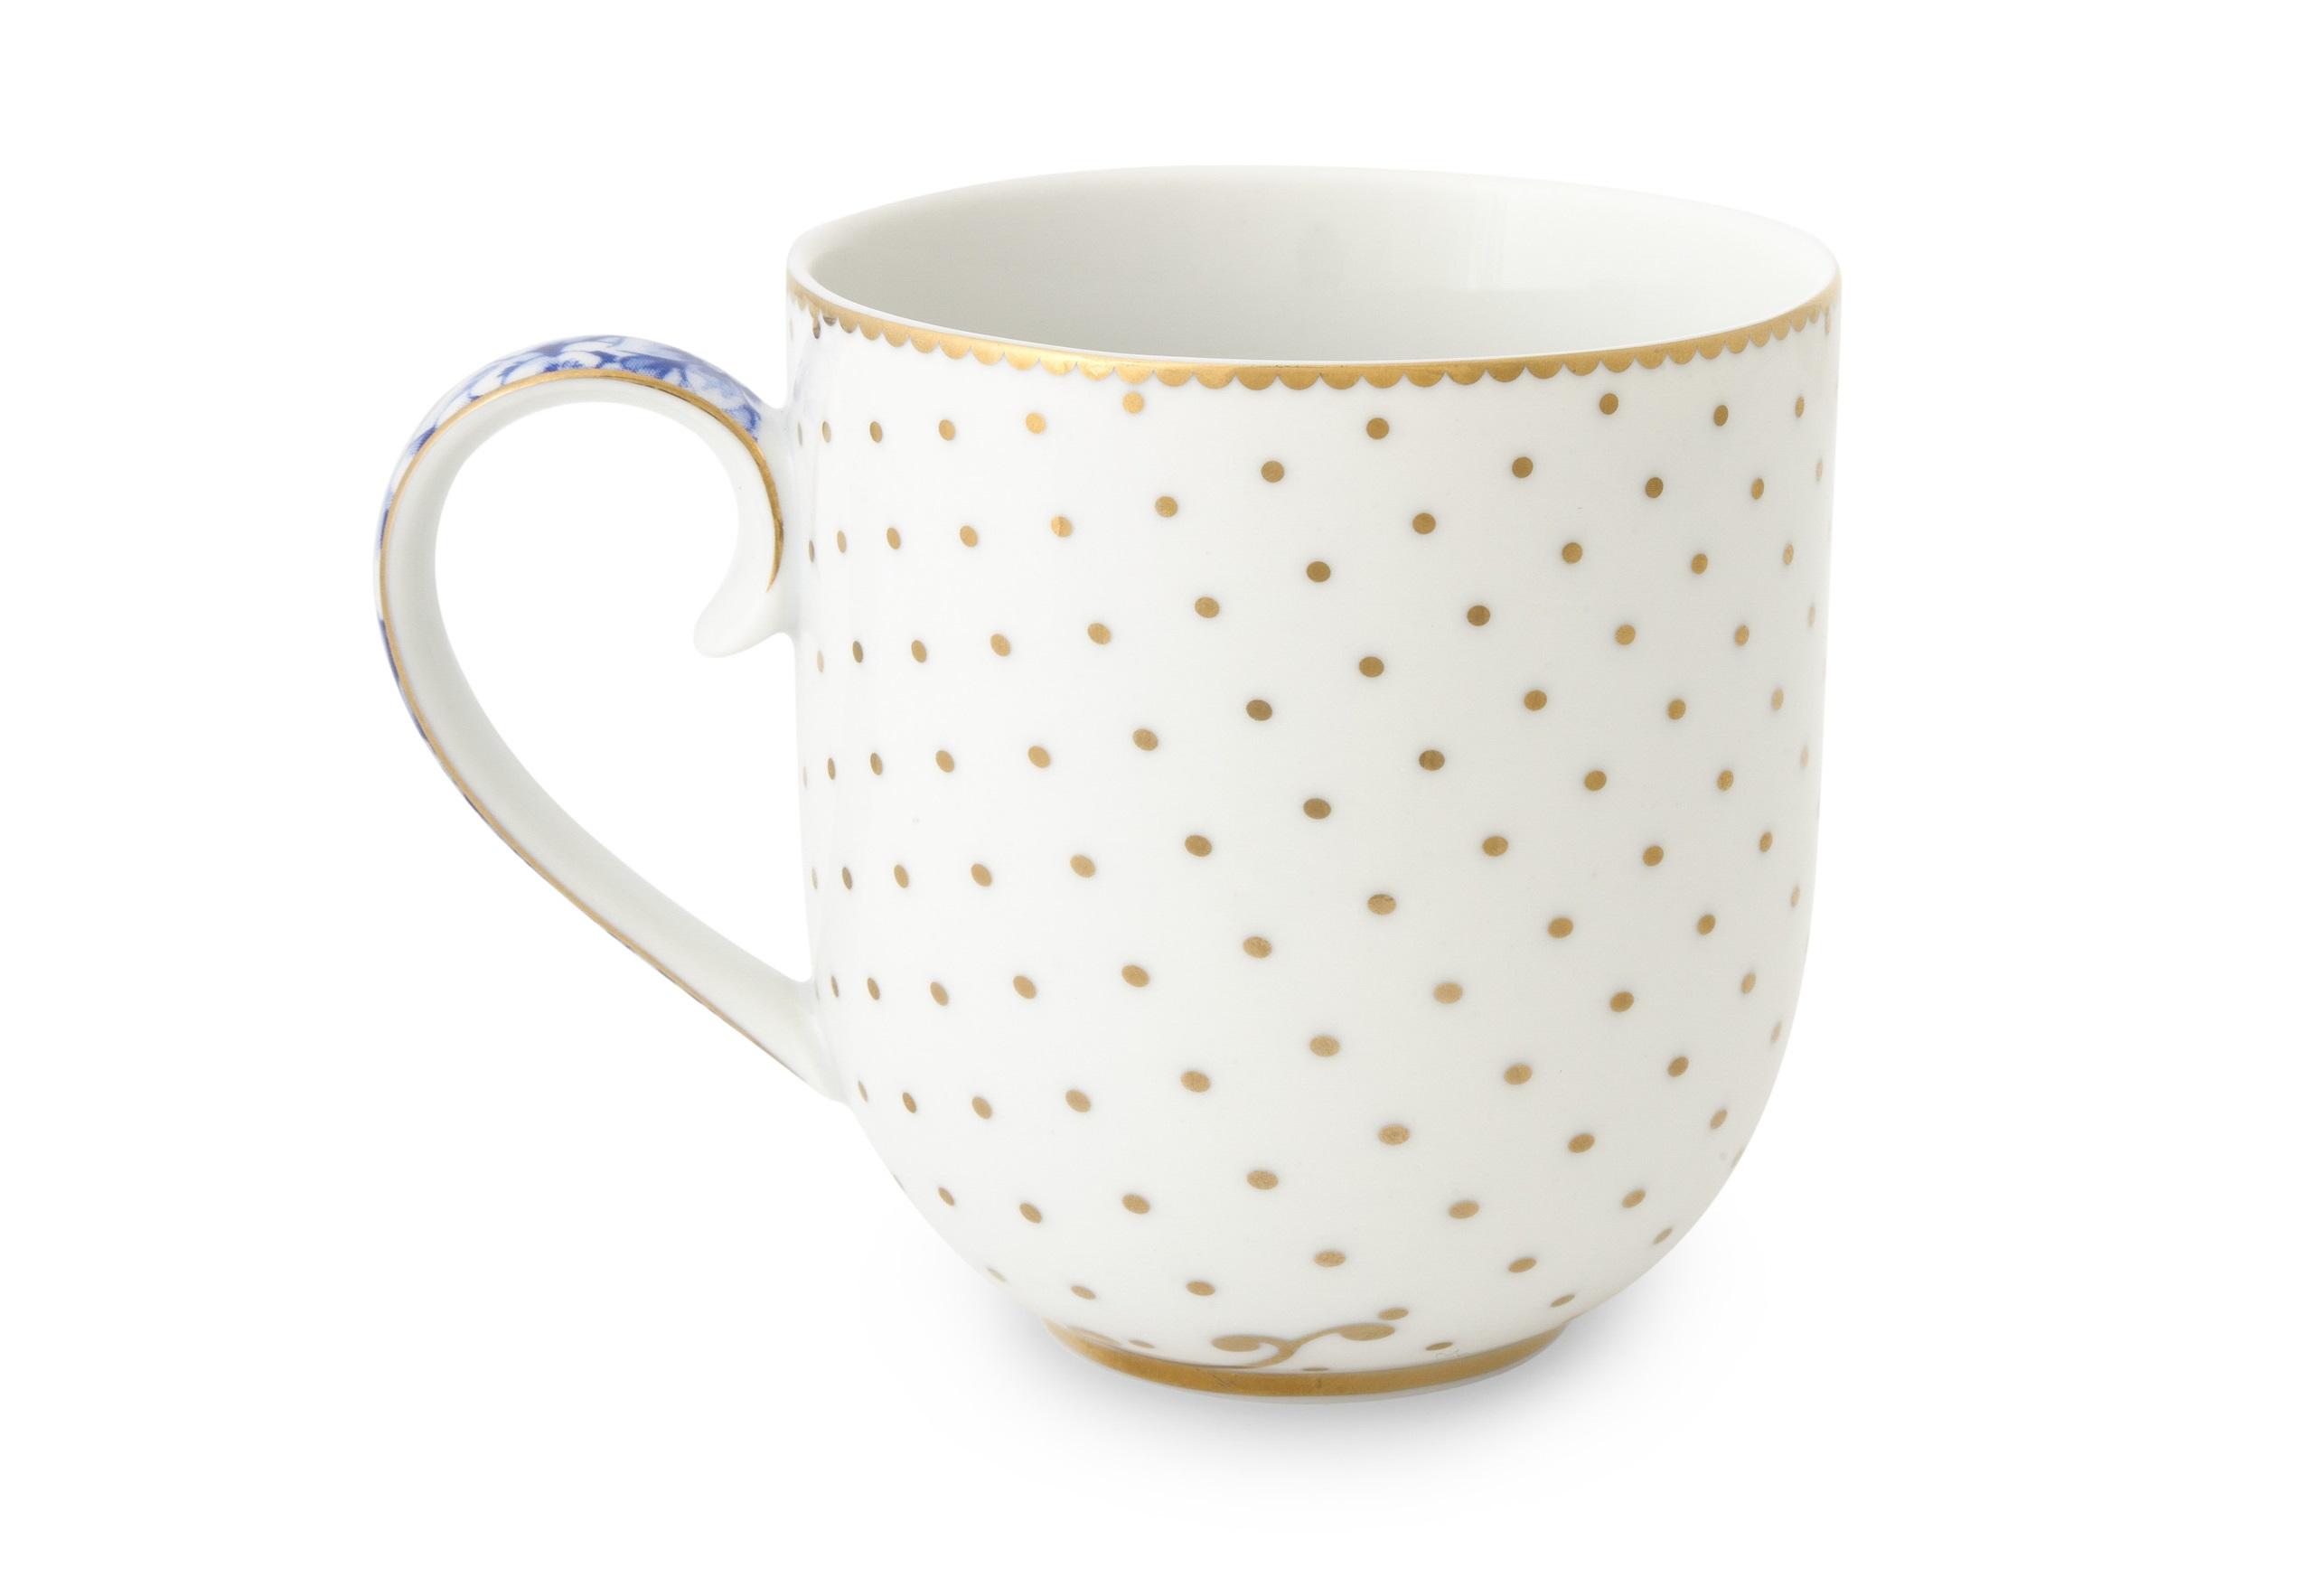 Набор маленьких кружек Royal White (2шт)Чайные пары, чашки и кружки<br>Объём 260 мл. Не использовать в микроволновой печи. Не рекомендуется мыть в посудомоечной машине.<br><br>Material: Фарфор<br>Высота см: 8